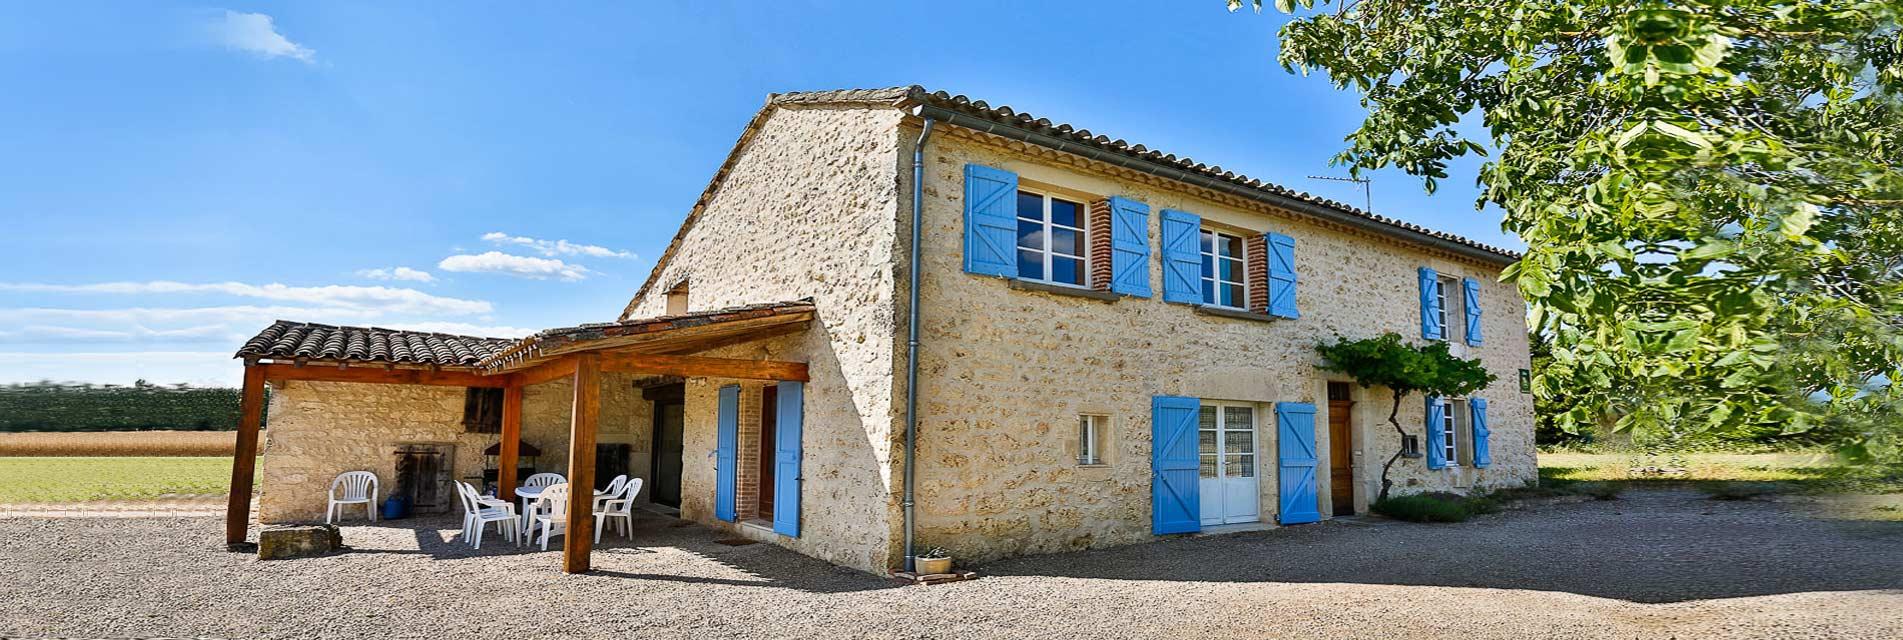 Nos Locations de Vacances Labellisées Gites de France dans le Tarn en Occitanie